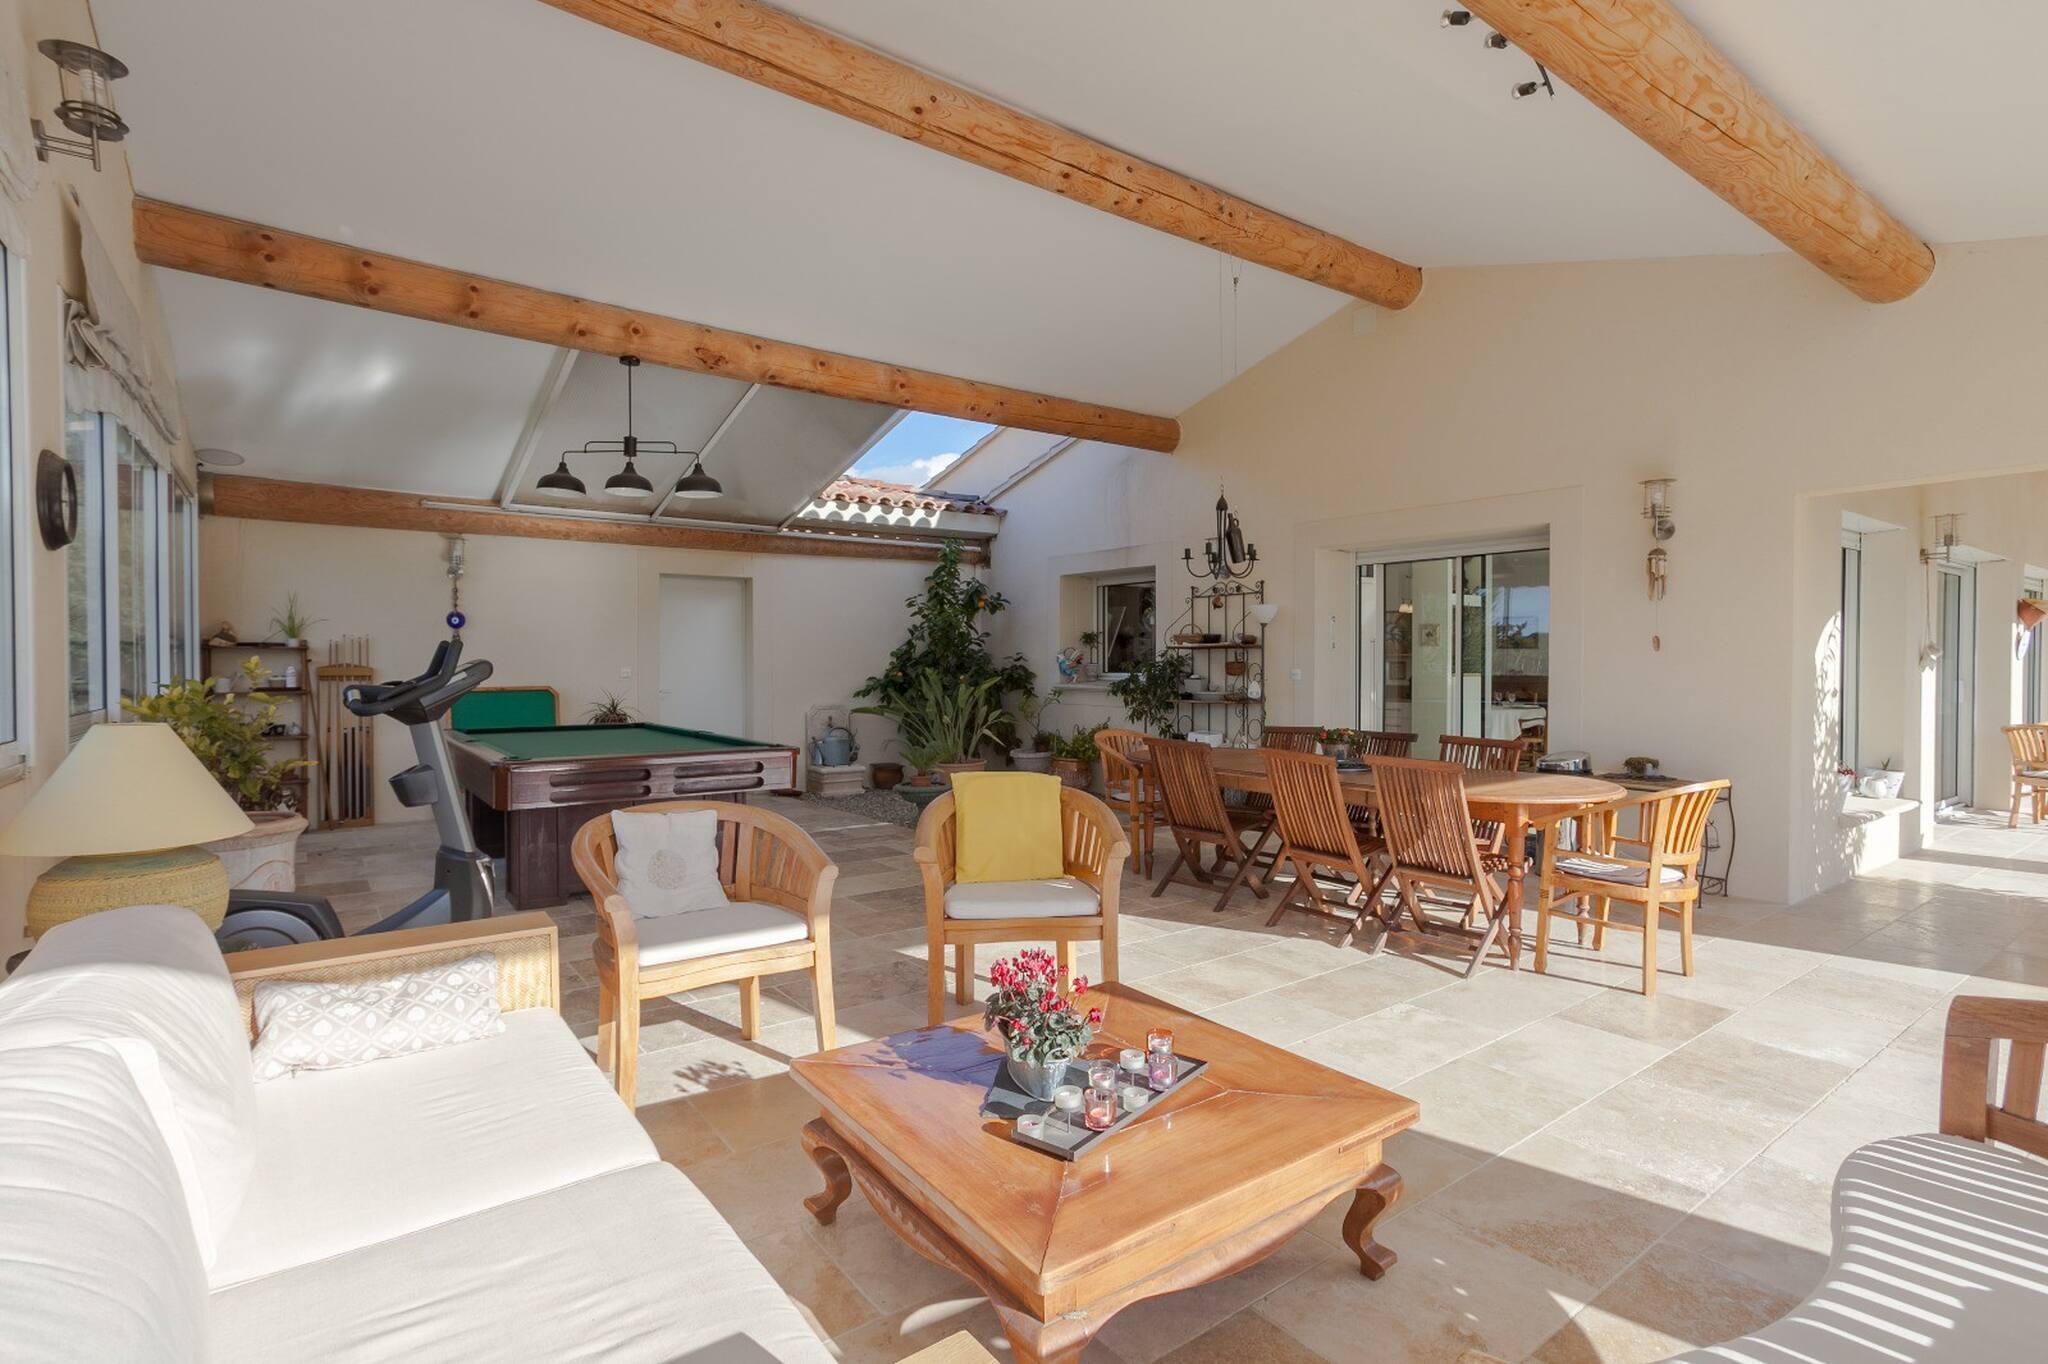 Maison de vacances La Bien Méritée - Für einen unvergesslichen Urlaub (2647544), L'Isle sur la Sorgue, Vaucluse, Provence - Alpes - Côte d'Azur, France, image 4